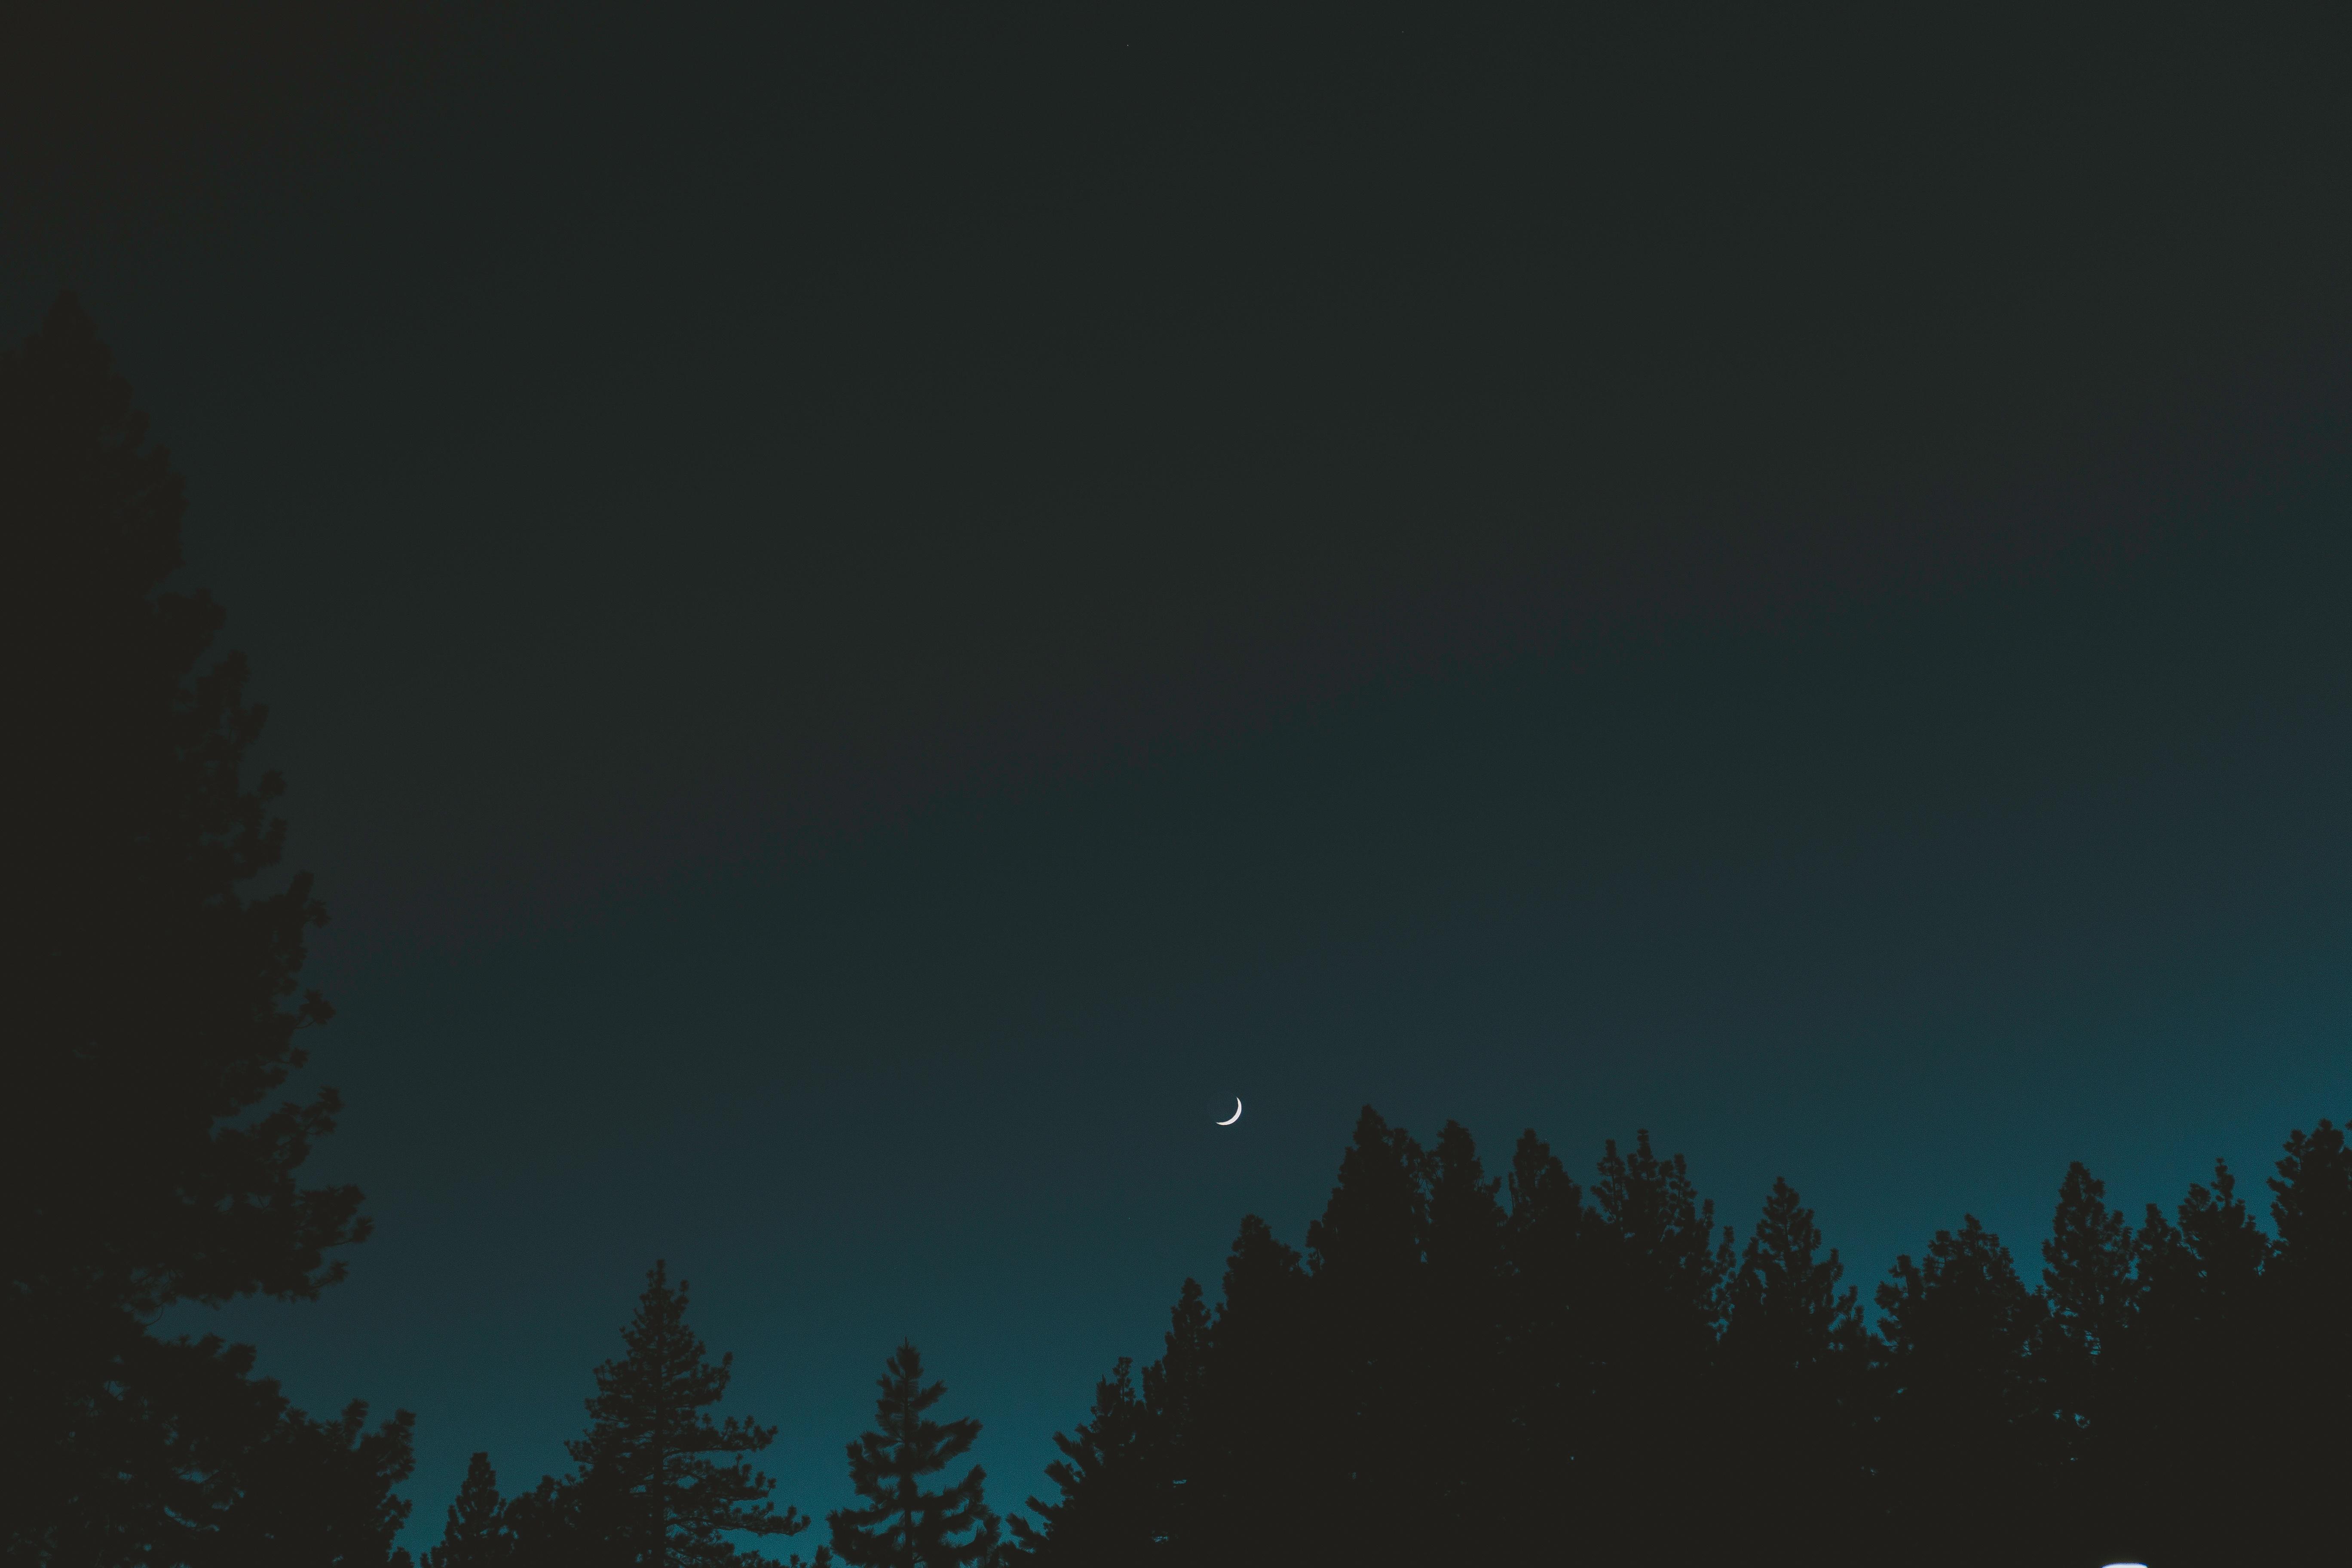 129157 скачать обои Темные, Луна, Небо, Ночь, Деревья, Полумесяц - заставки и картинки бесплатно